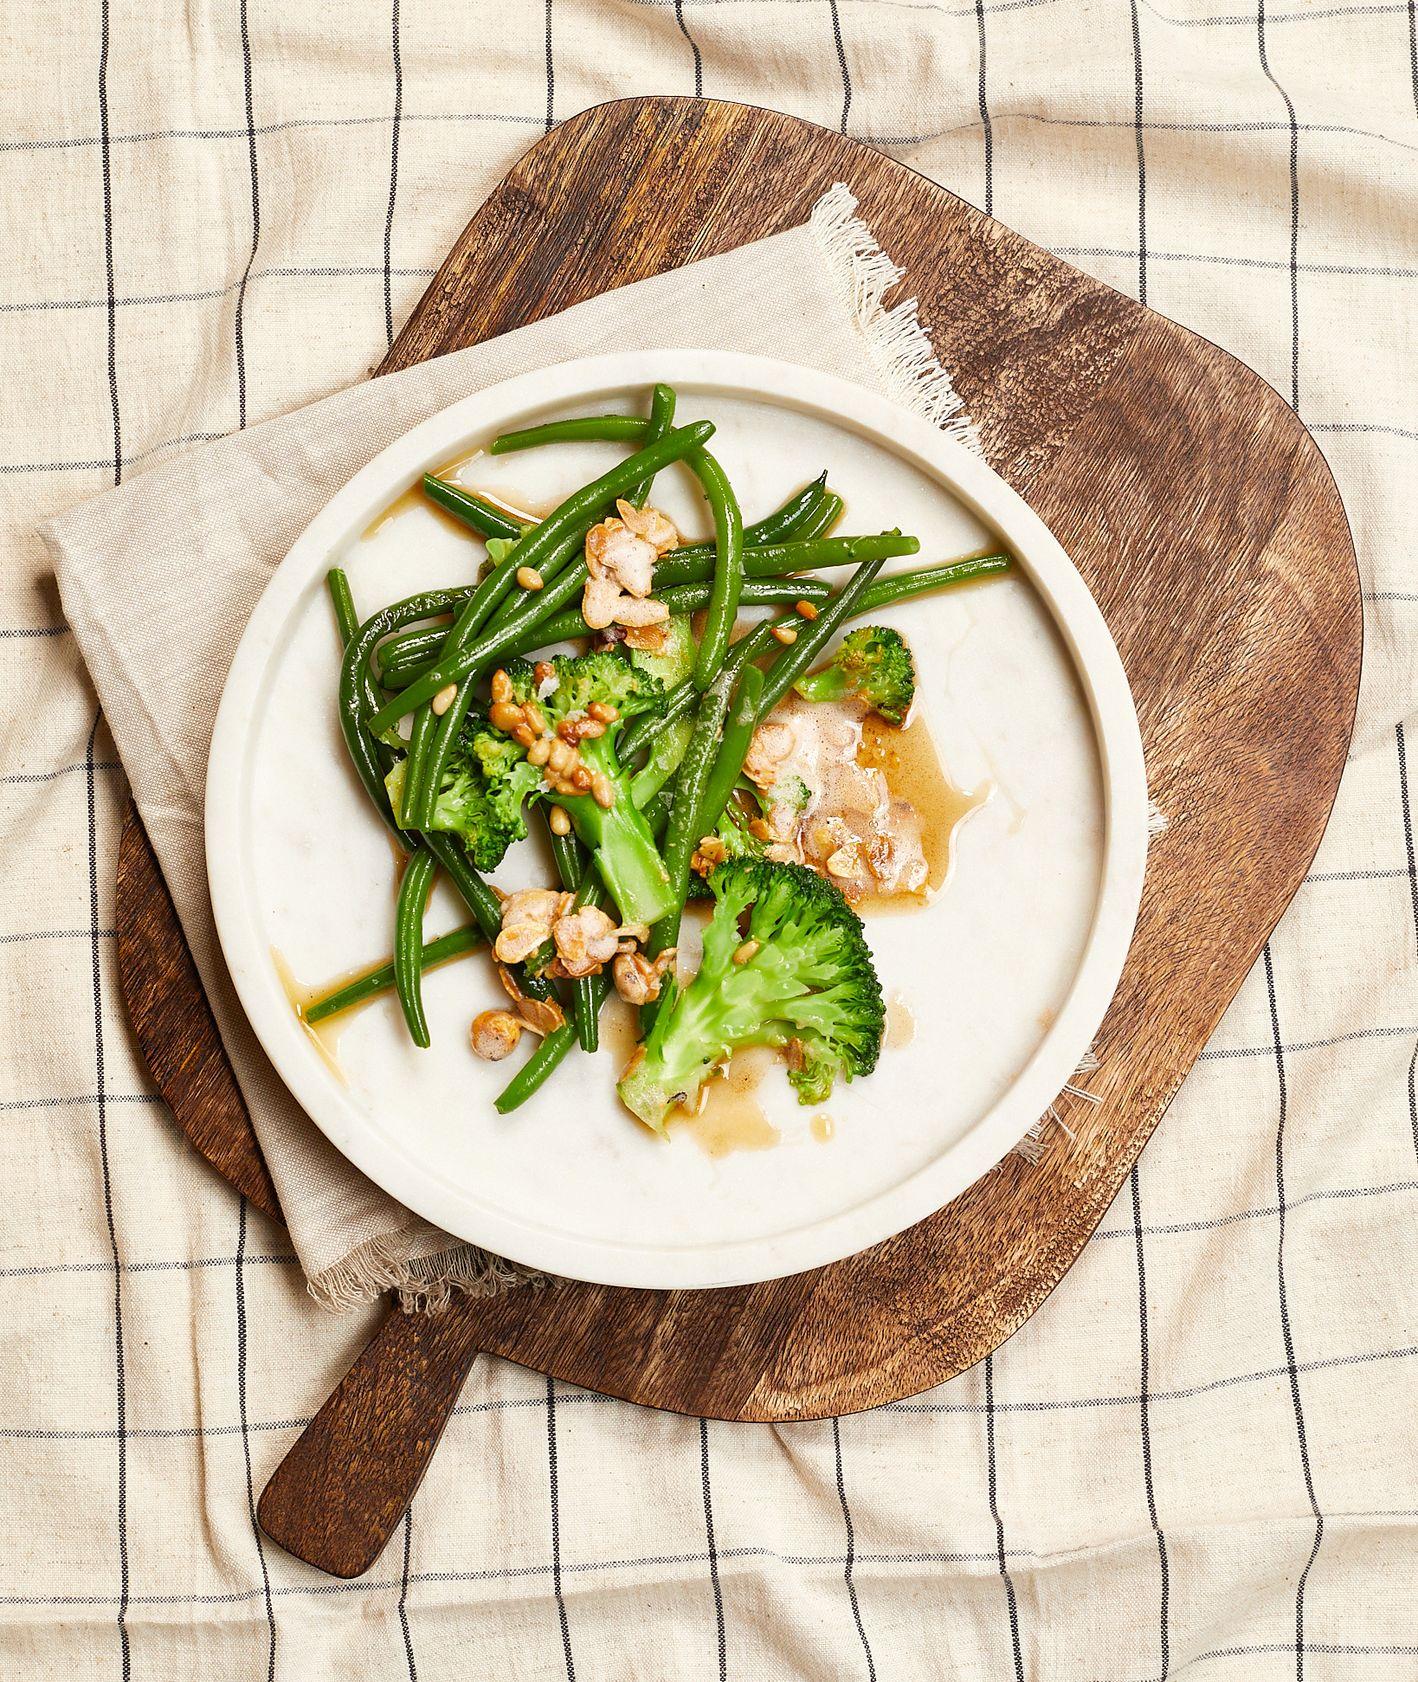 Przepis na danie z fasolką szparagową i brokułami. Najlepsze dania z fasolką szparagową (fot. Maciej Niemojewski)